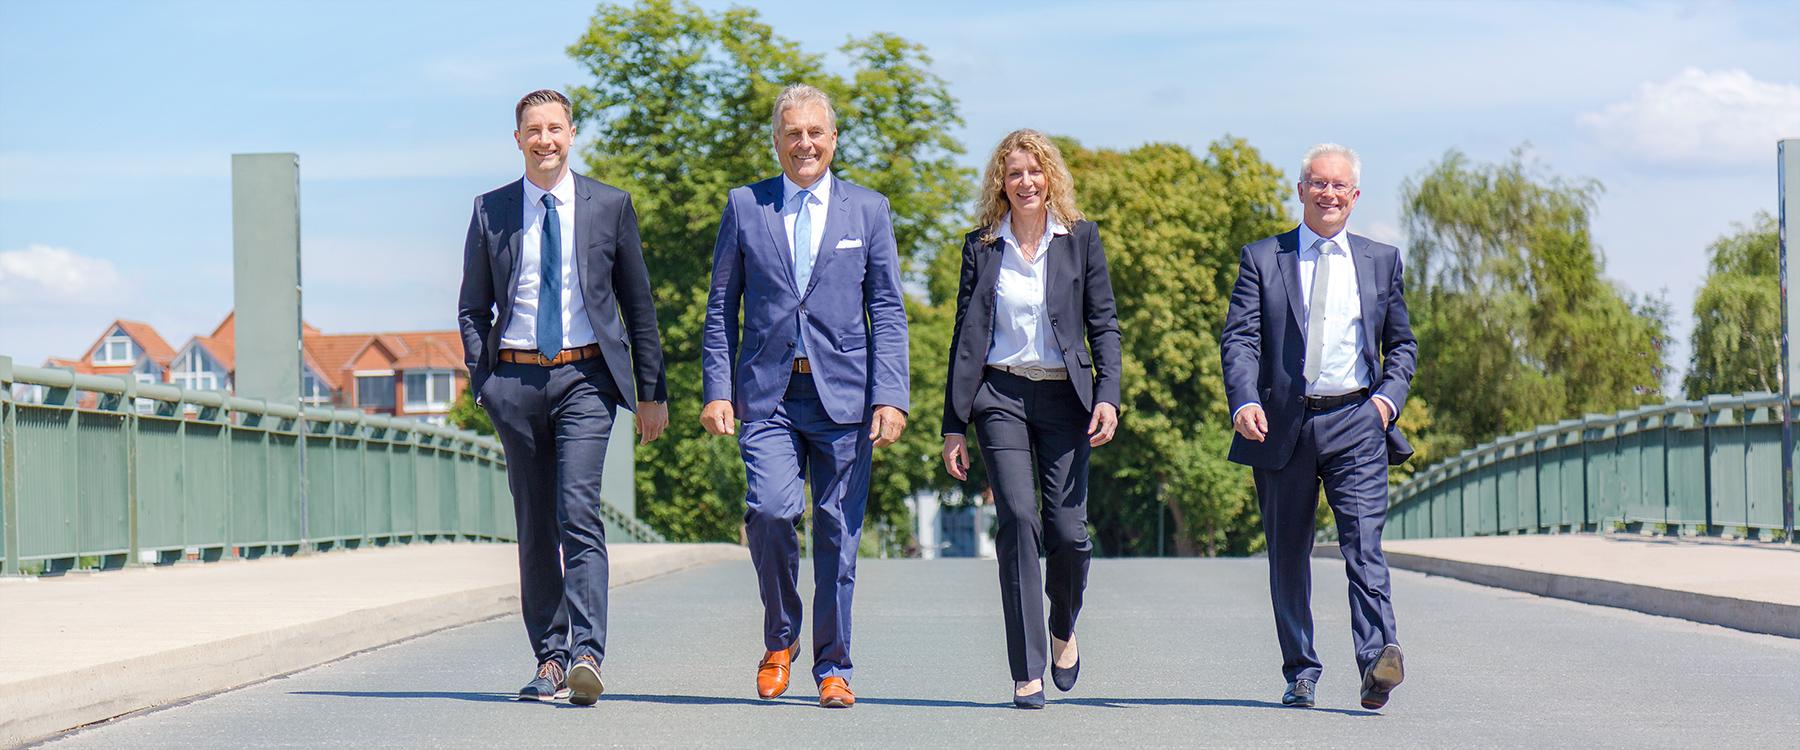 Die vier Partner der BHT Steuerberatungsgesellschaft auf der Brücke